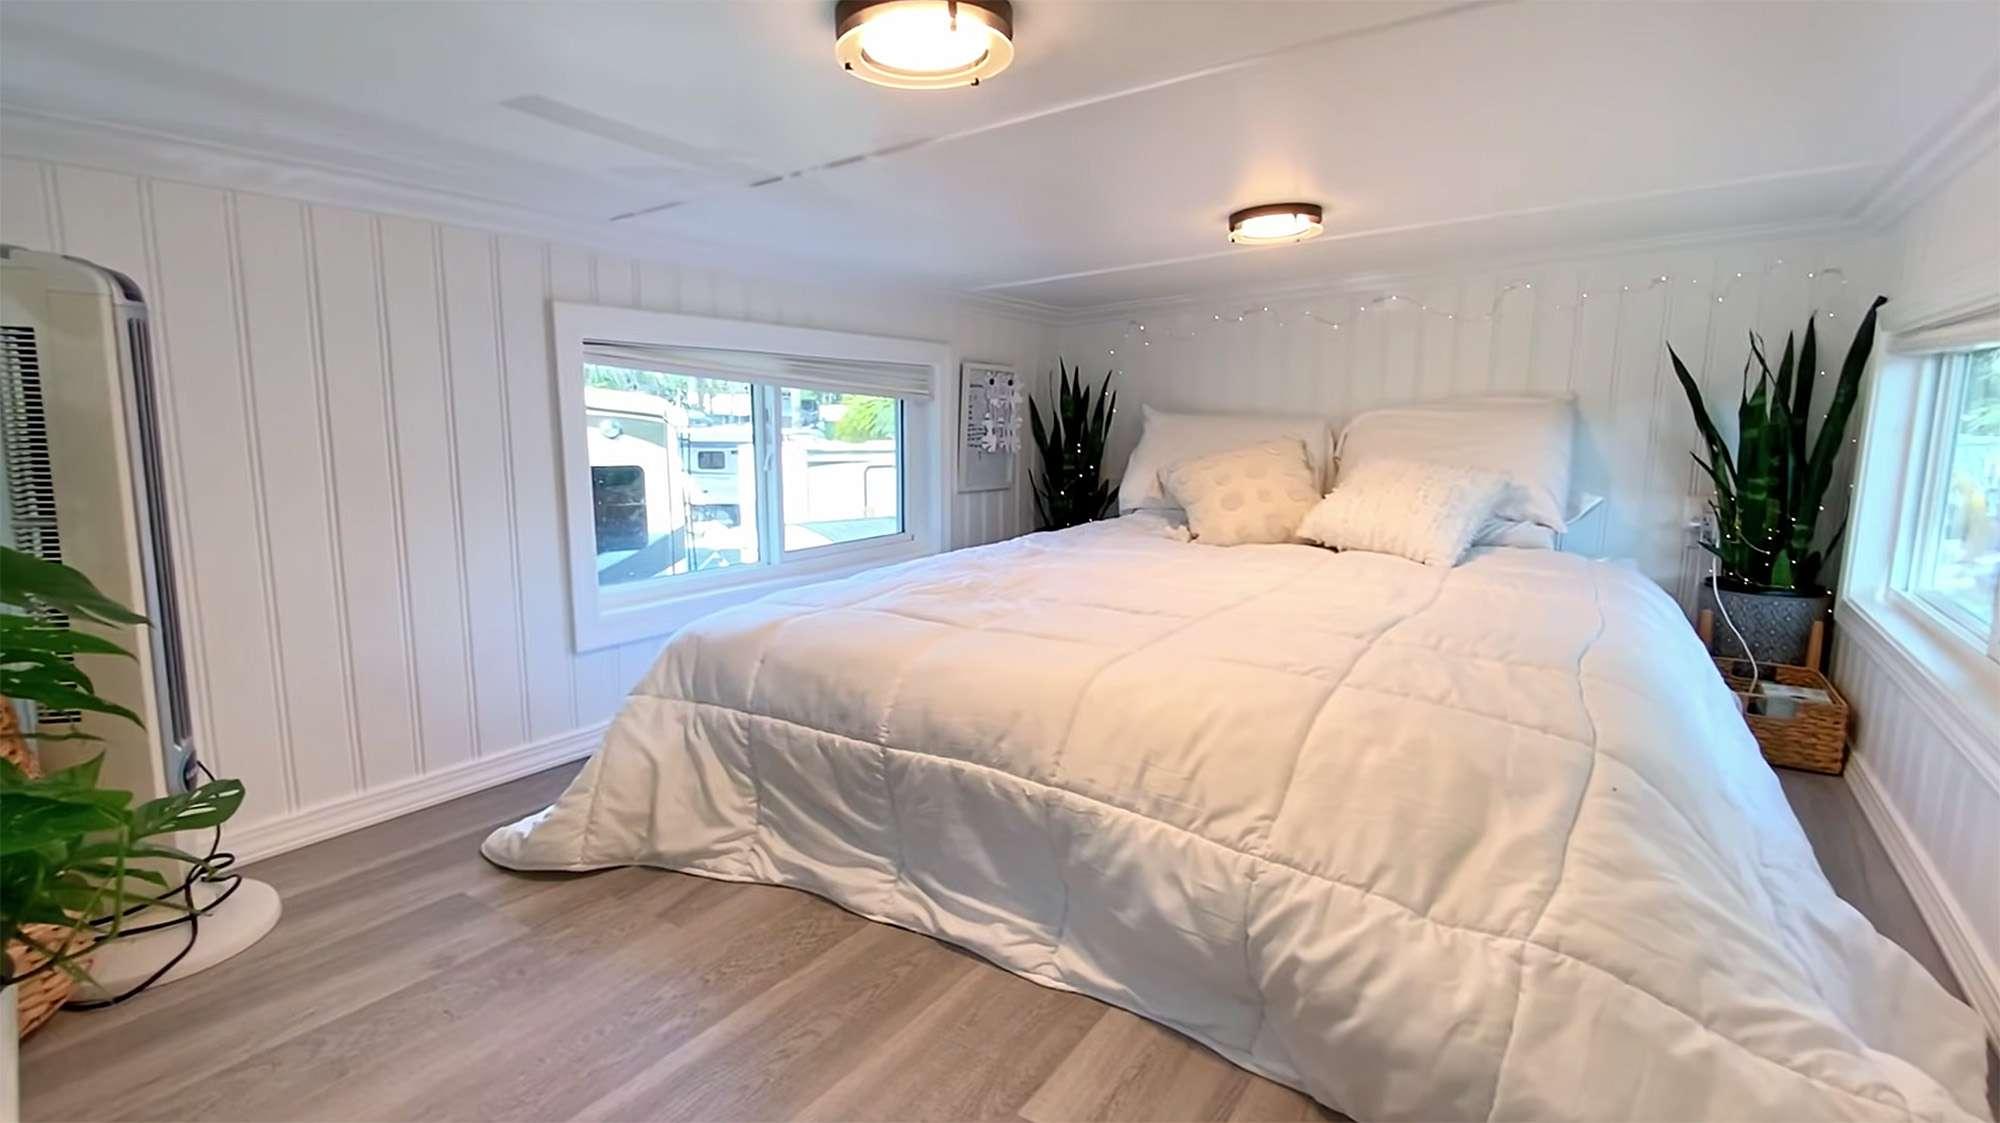 tiny house Rebekah teenytiny7 bedroom